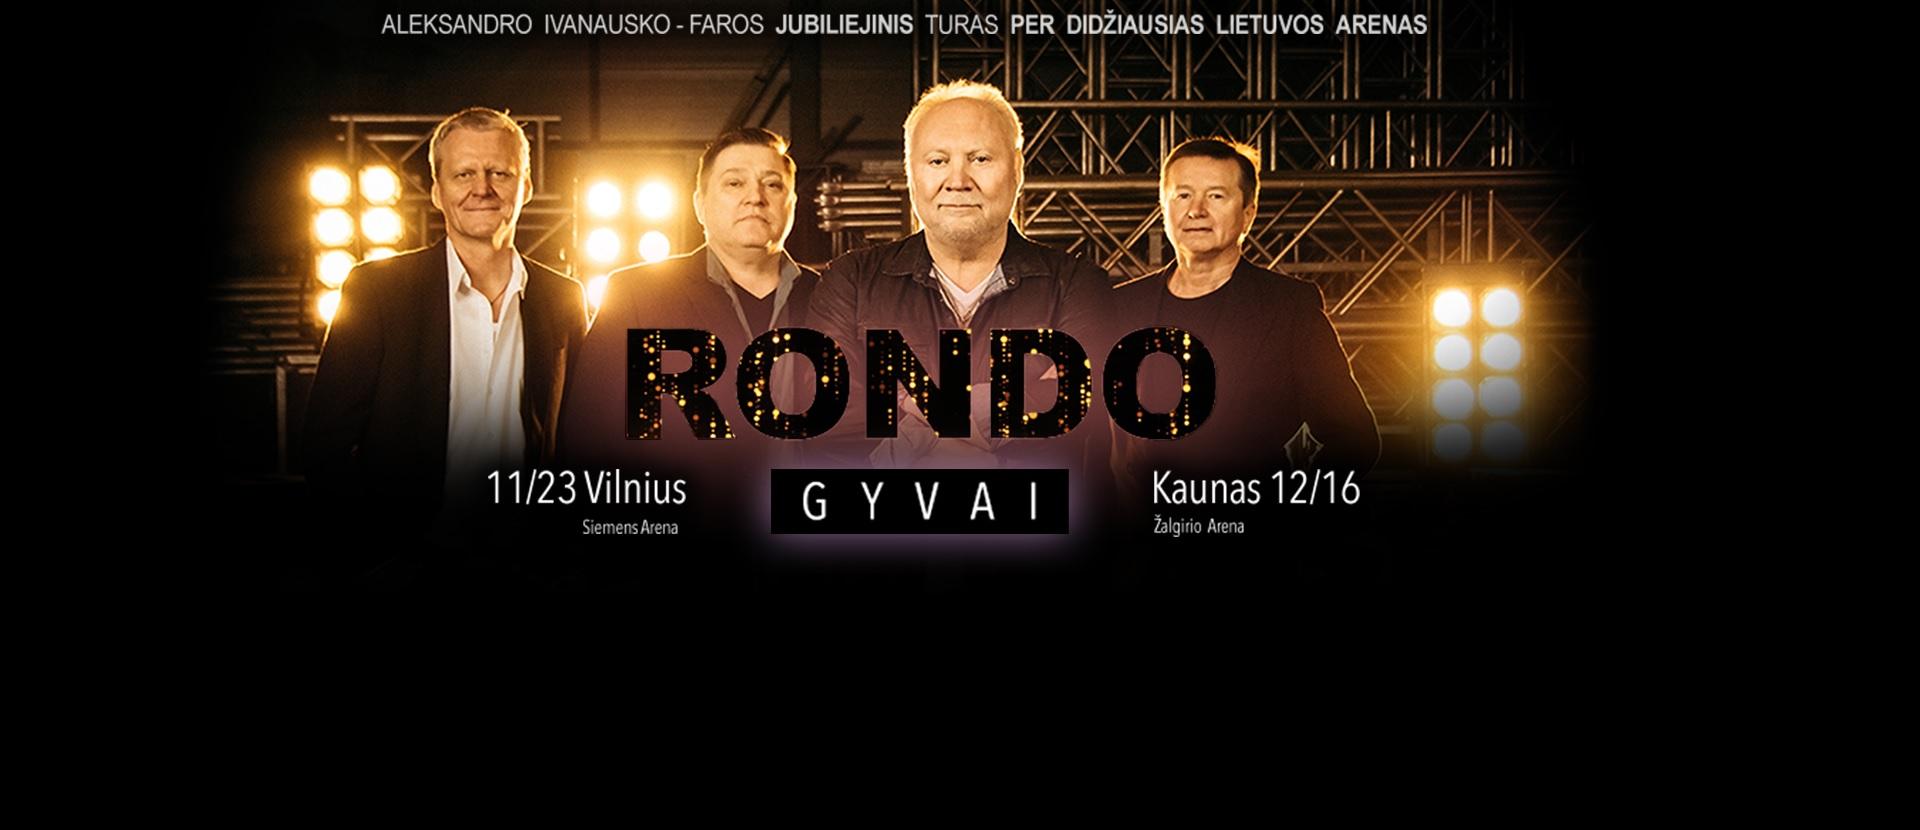 RONDO GYVAI. Aleksandro Ivanausko – Faros jubiliejinis turas per Lietuvą